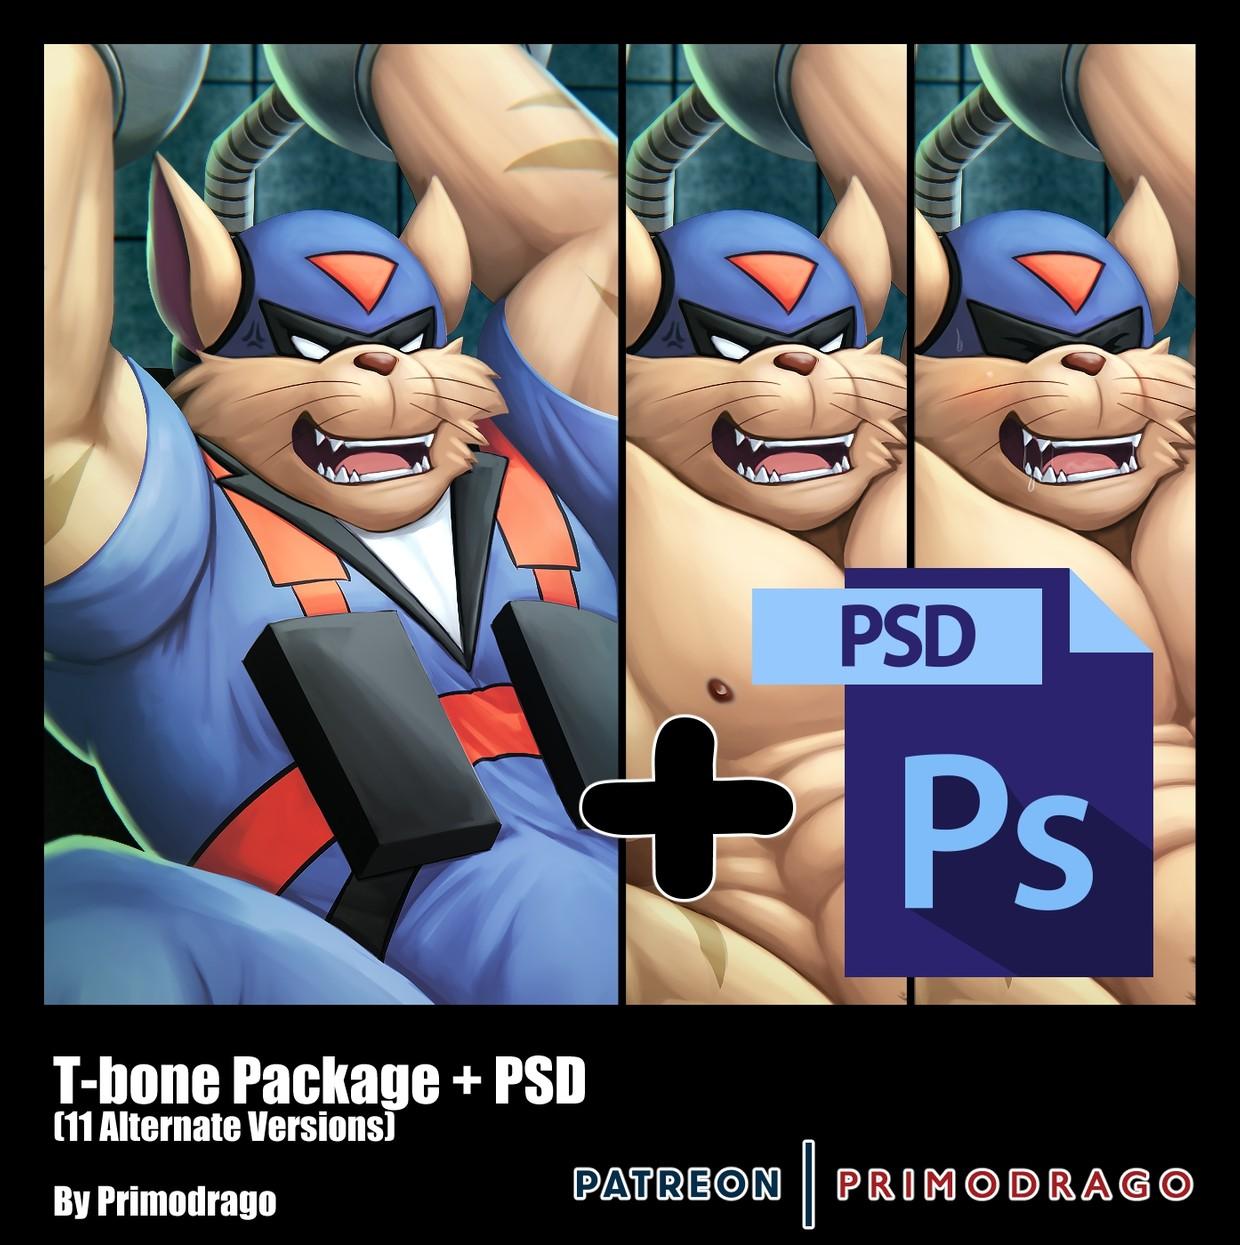 T-Bone Artpack + PSD File